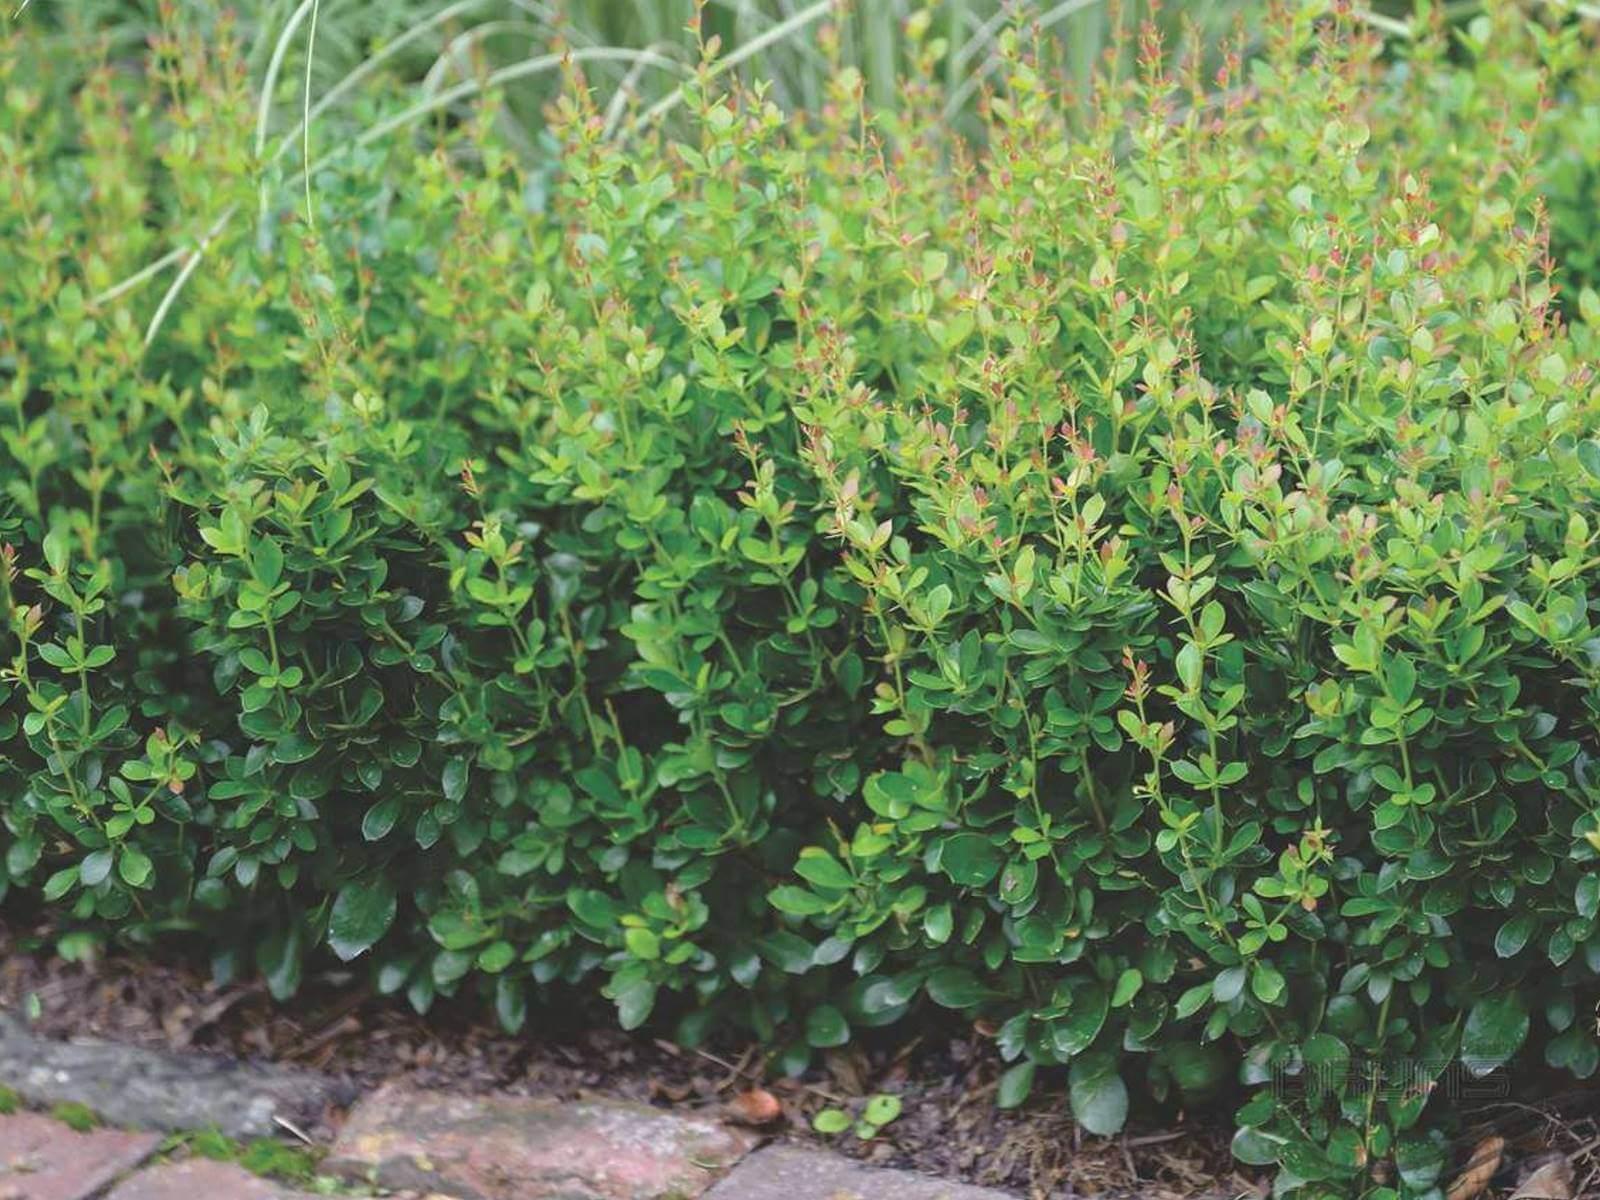 buchsbaumz nsler traumgarten ersatz f r buchsbaum galabau m hler. Black Bedroom Furniture Sets. Home Design Ideas